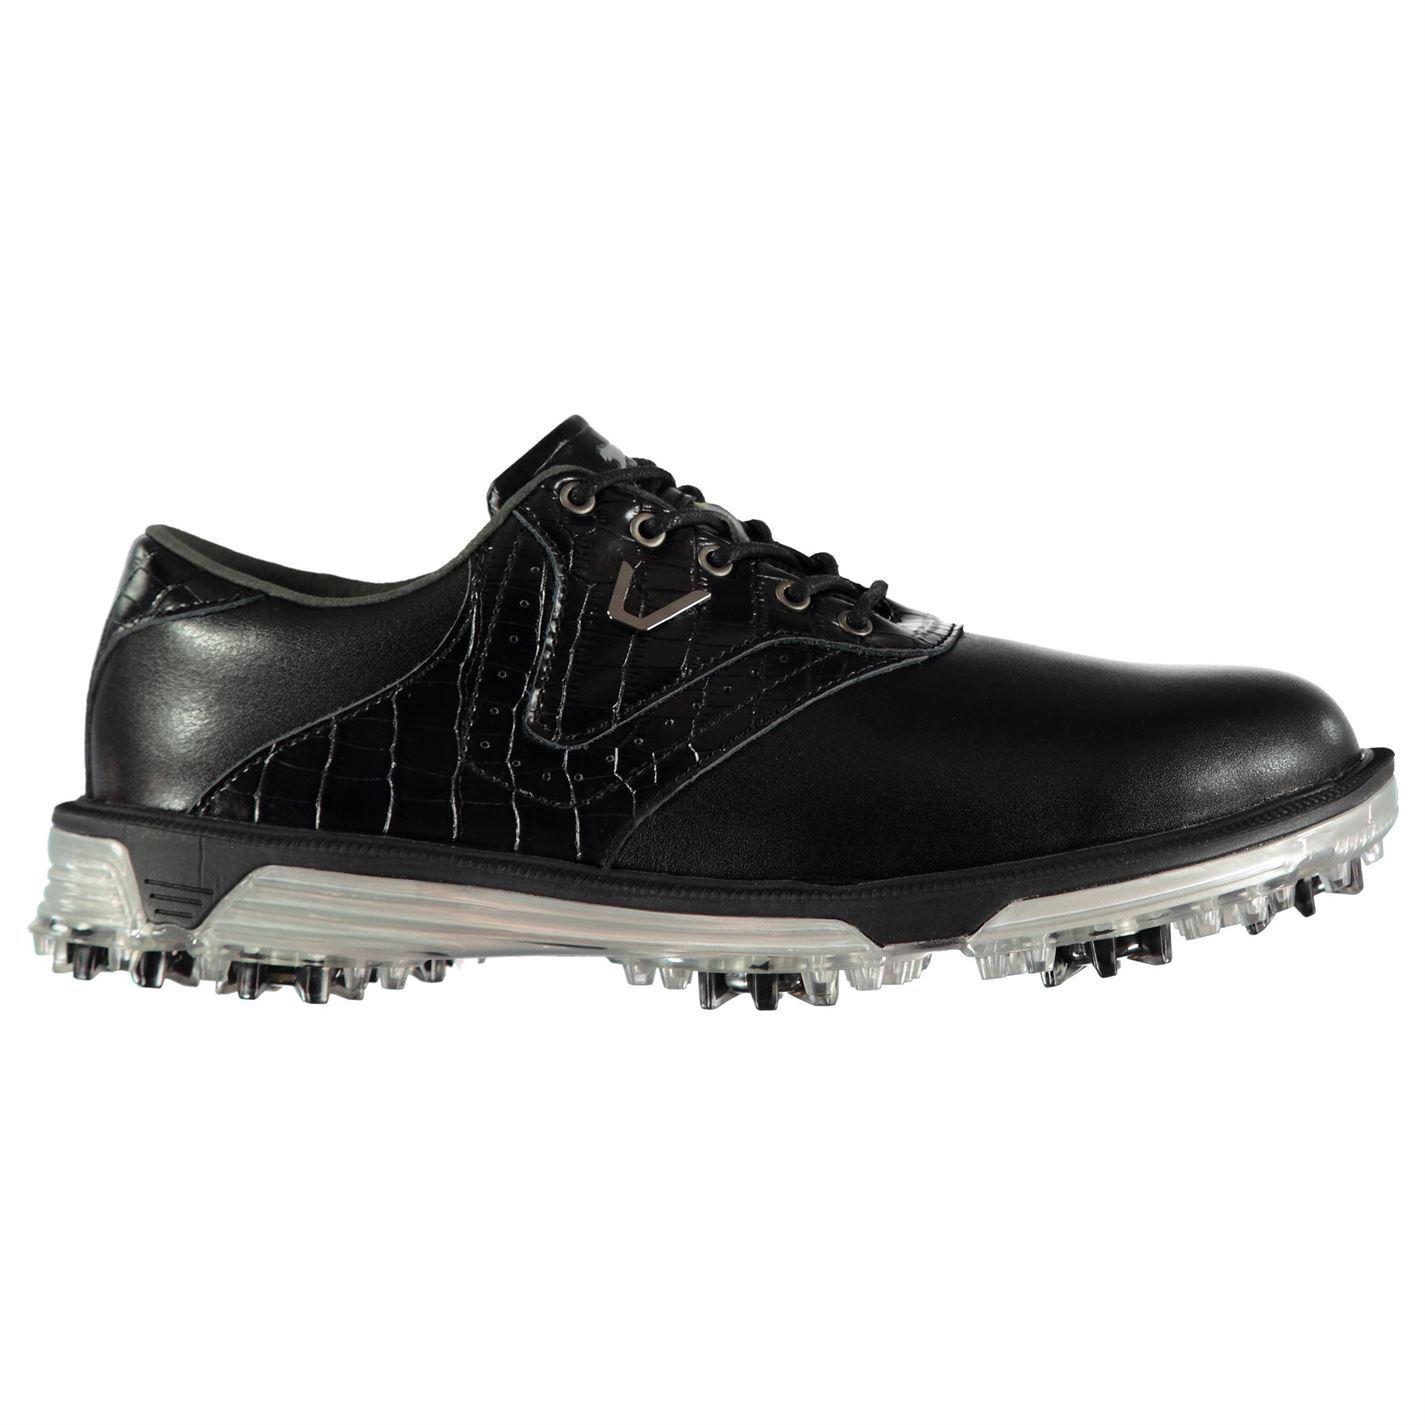 Slazenger-V500-Golf-Shoes-Mens-Spikes-Footwear thumbnail 6